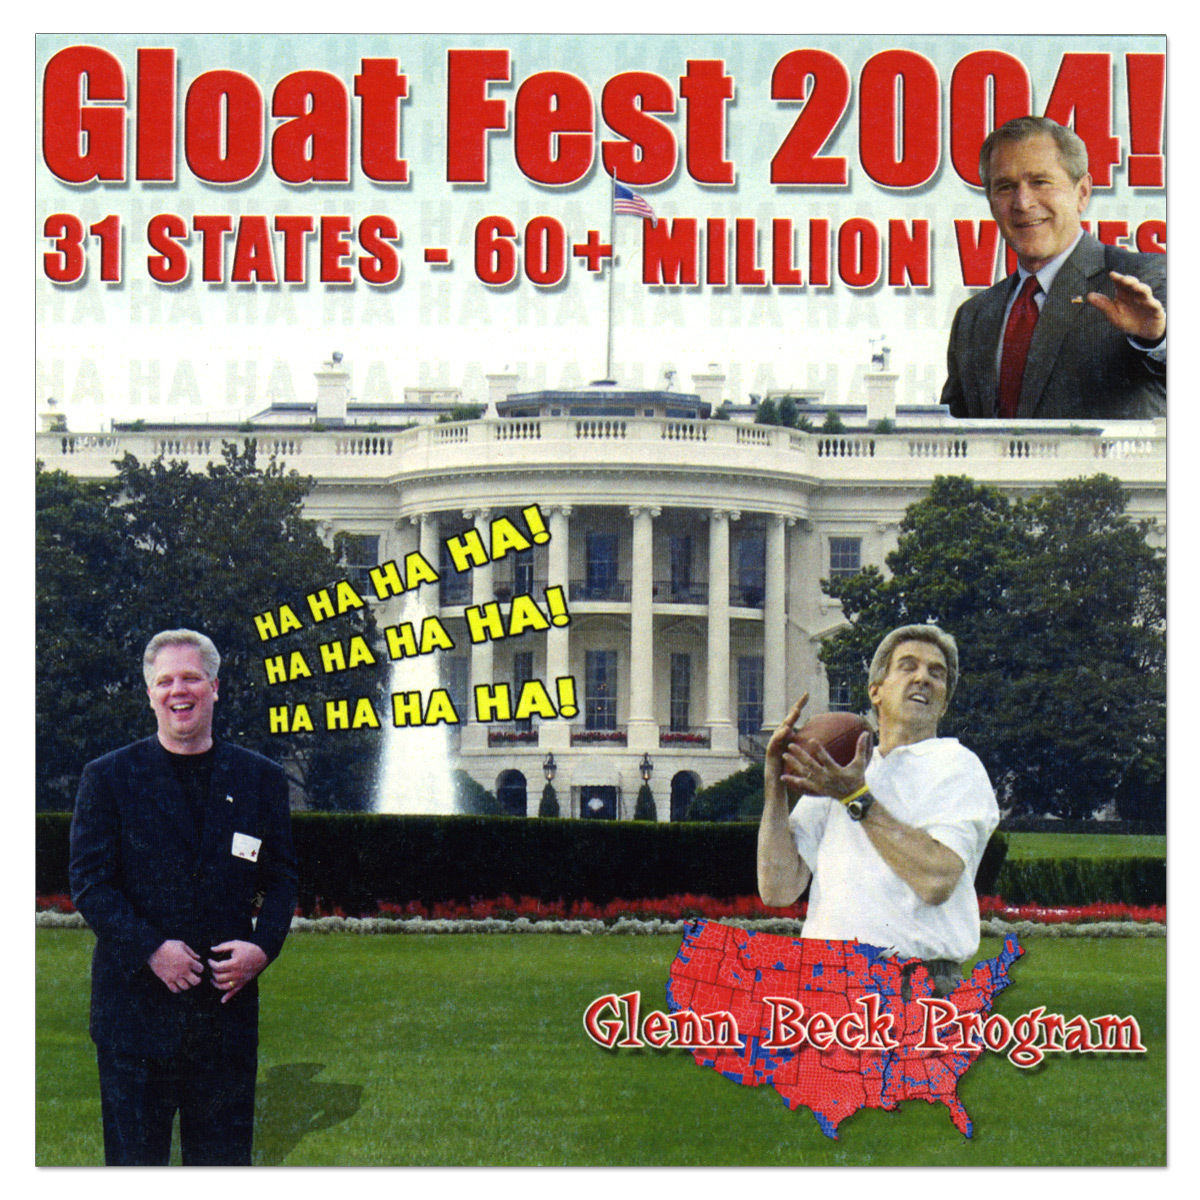 Glenn Beck Gloat Fest 2004